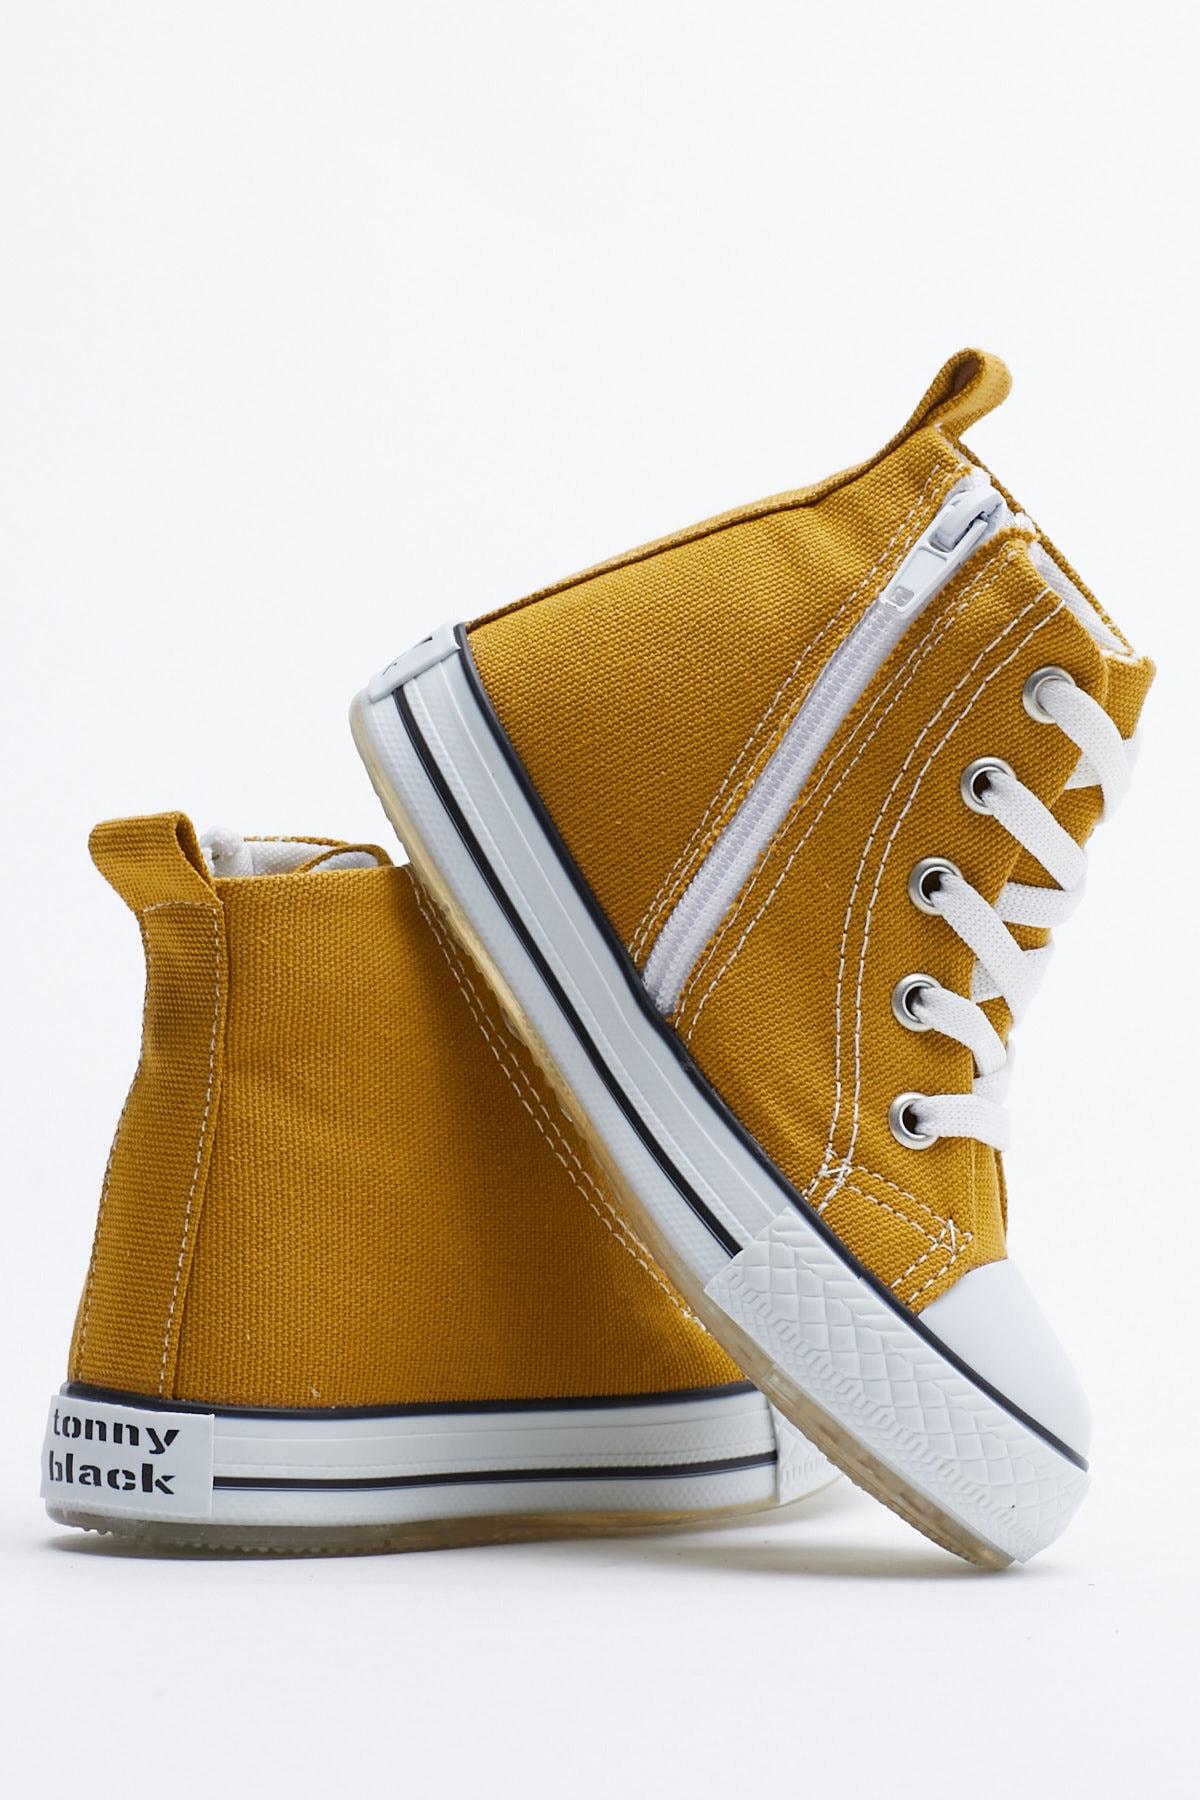 Tonny Black Hardal Çocuk Spor Ayakkabı Uzun Tb999 3